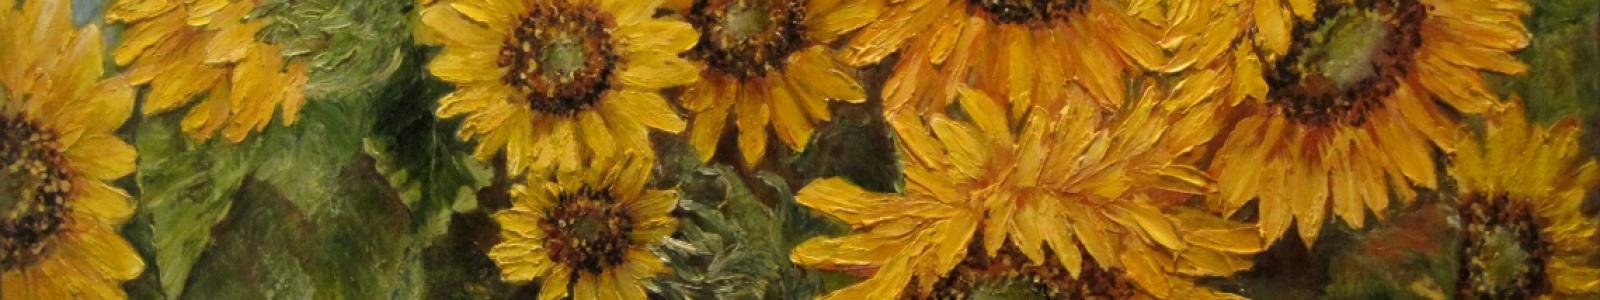 Gallery Painter Alexandra Berezovenko